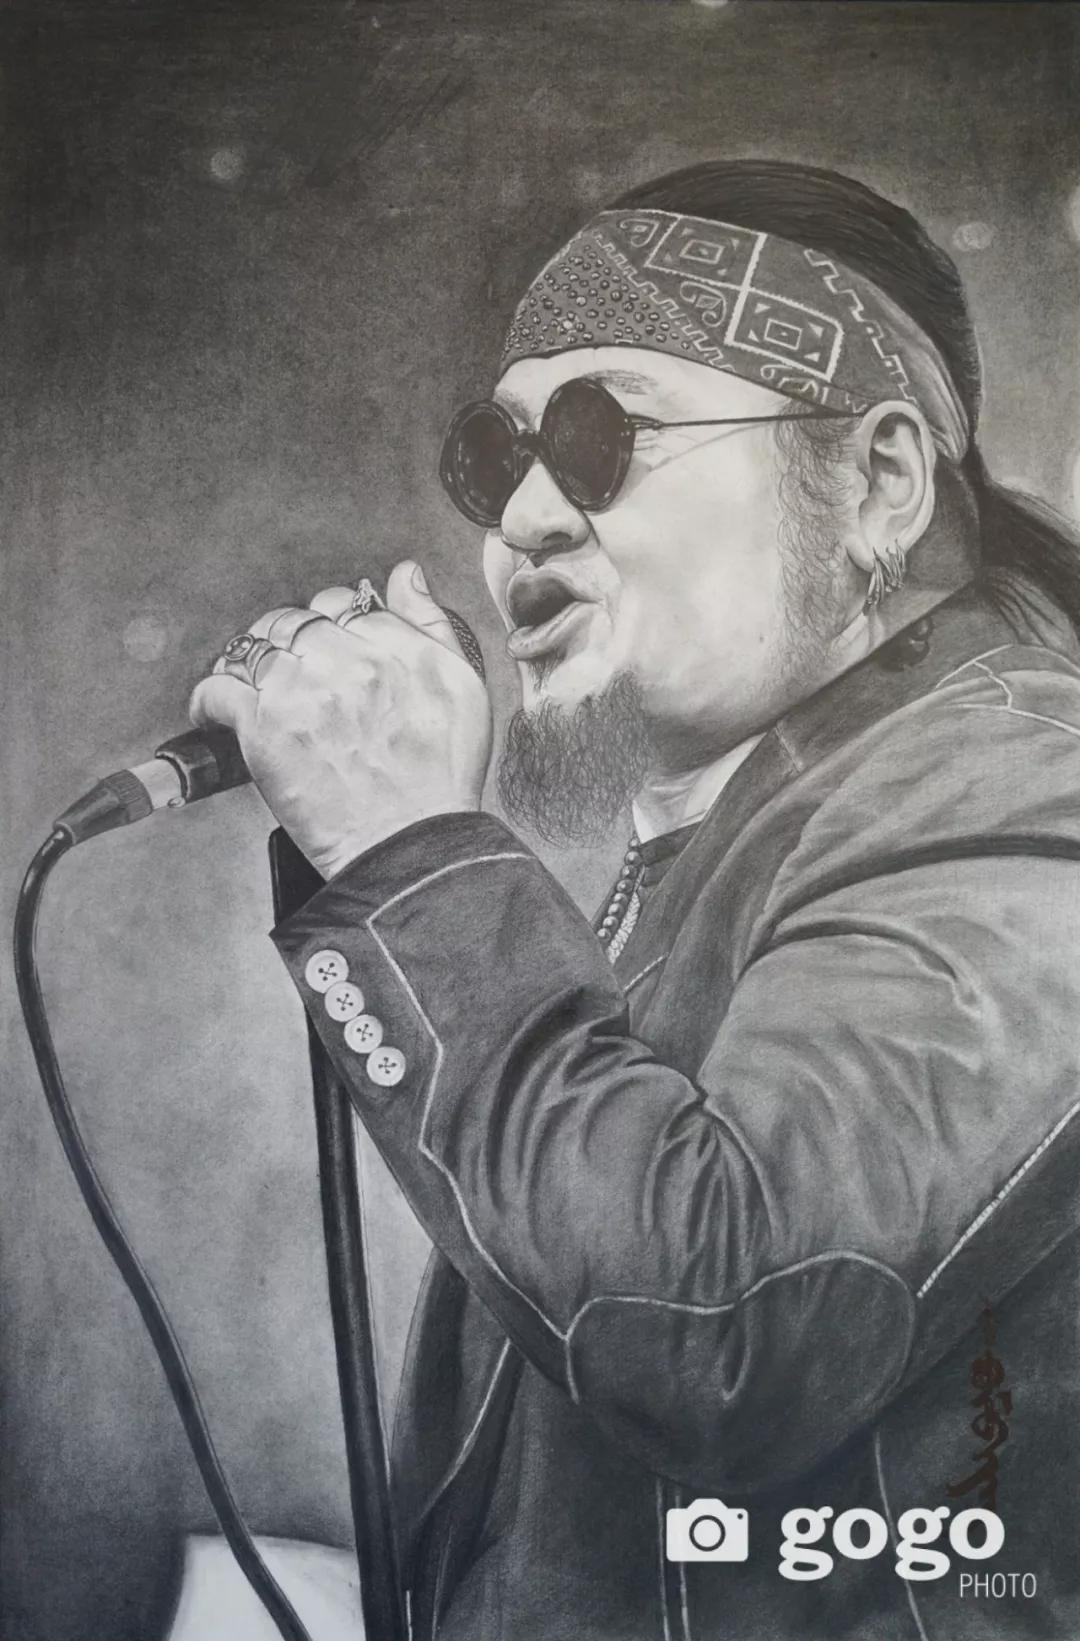 传奇摇滚乐队、流行歌手、艺术家肖像画展在蒙古国开幕 第2张